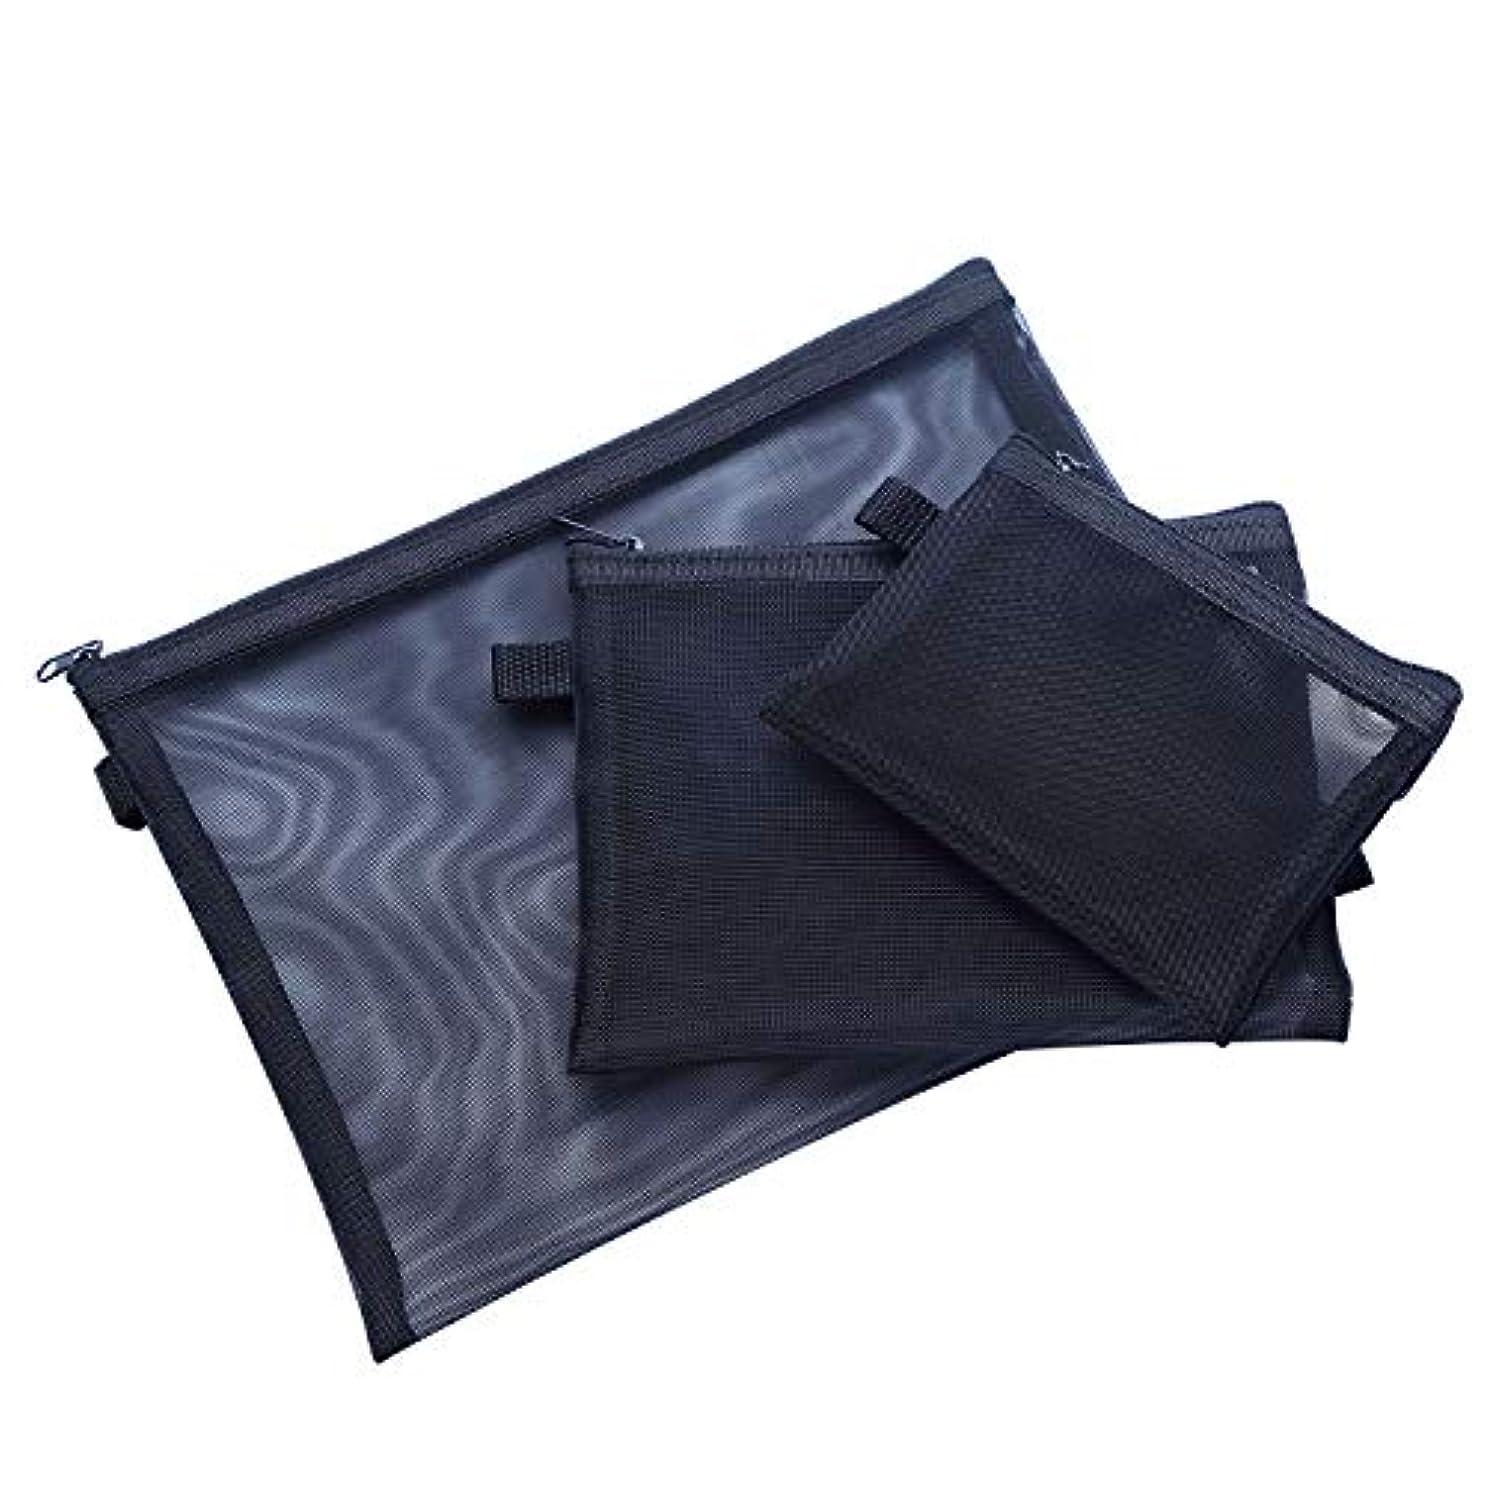 航空便一緒優しいHOYOFO メッシュケース 化粧ポーチ 収納 小物入れ 多機能 3点セット 黒